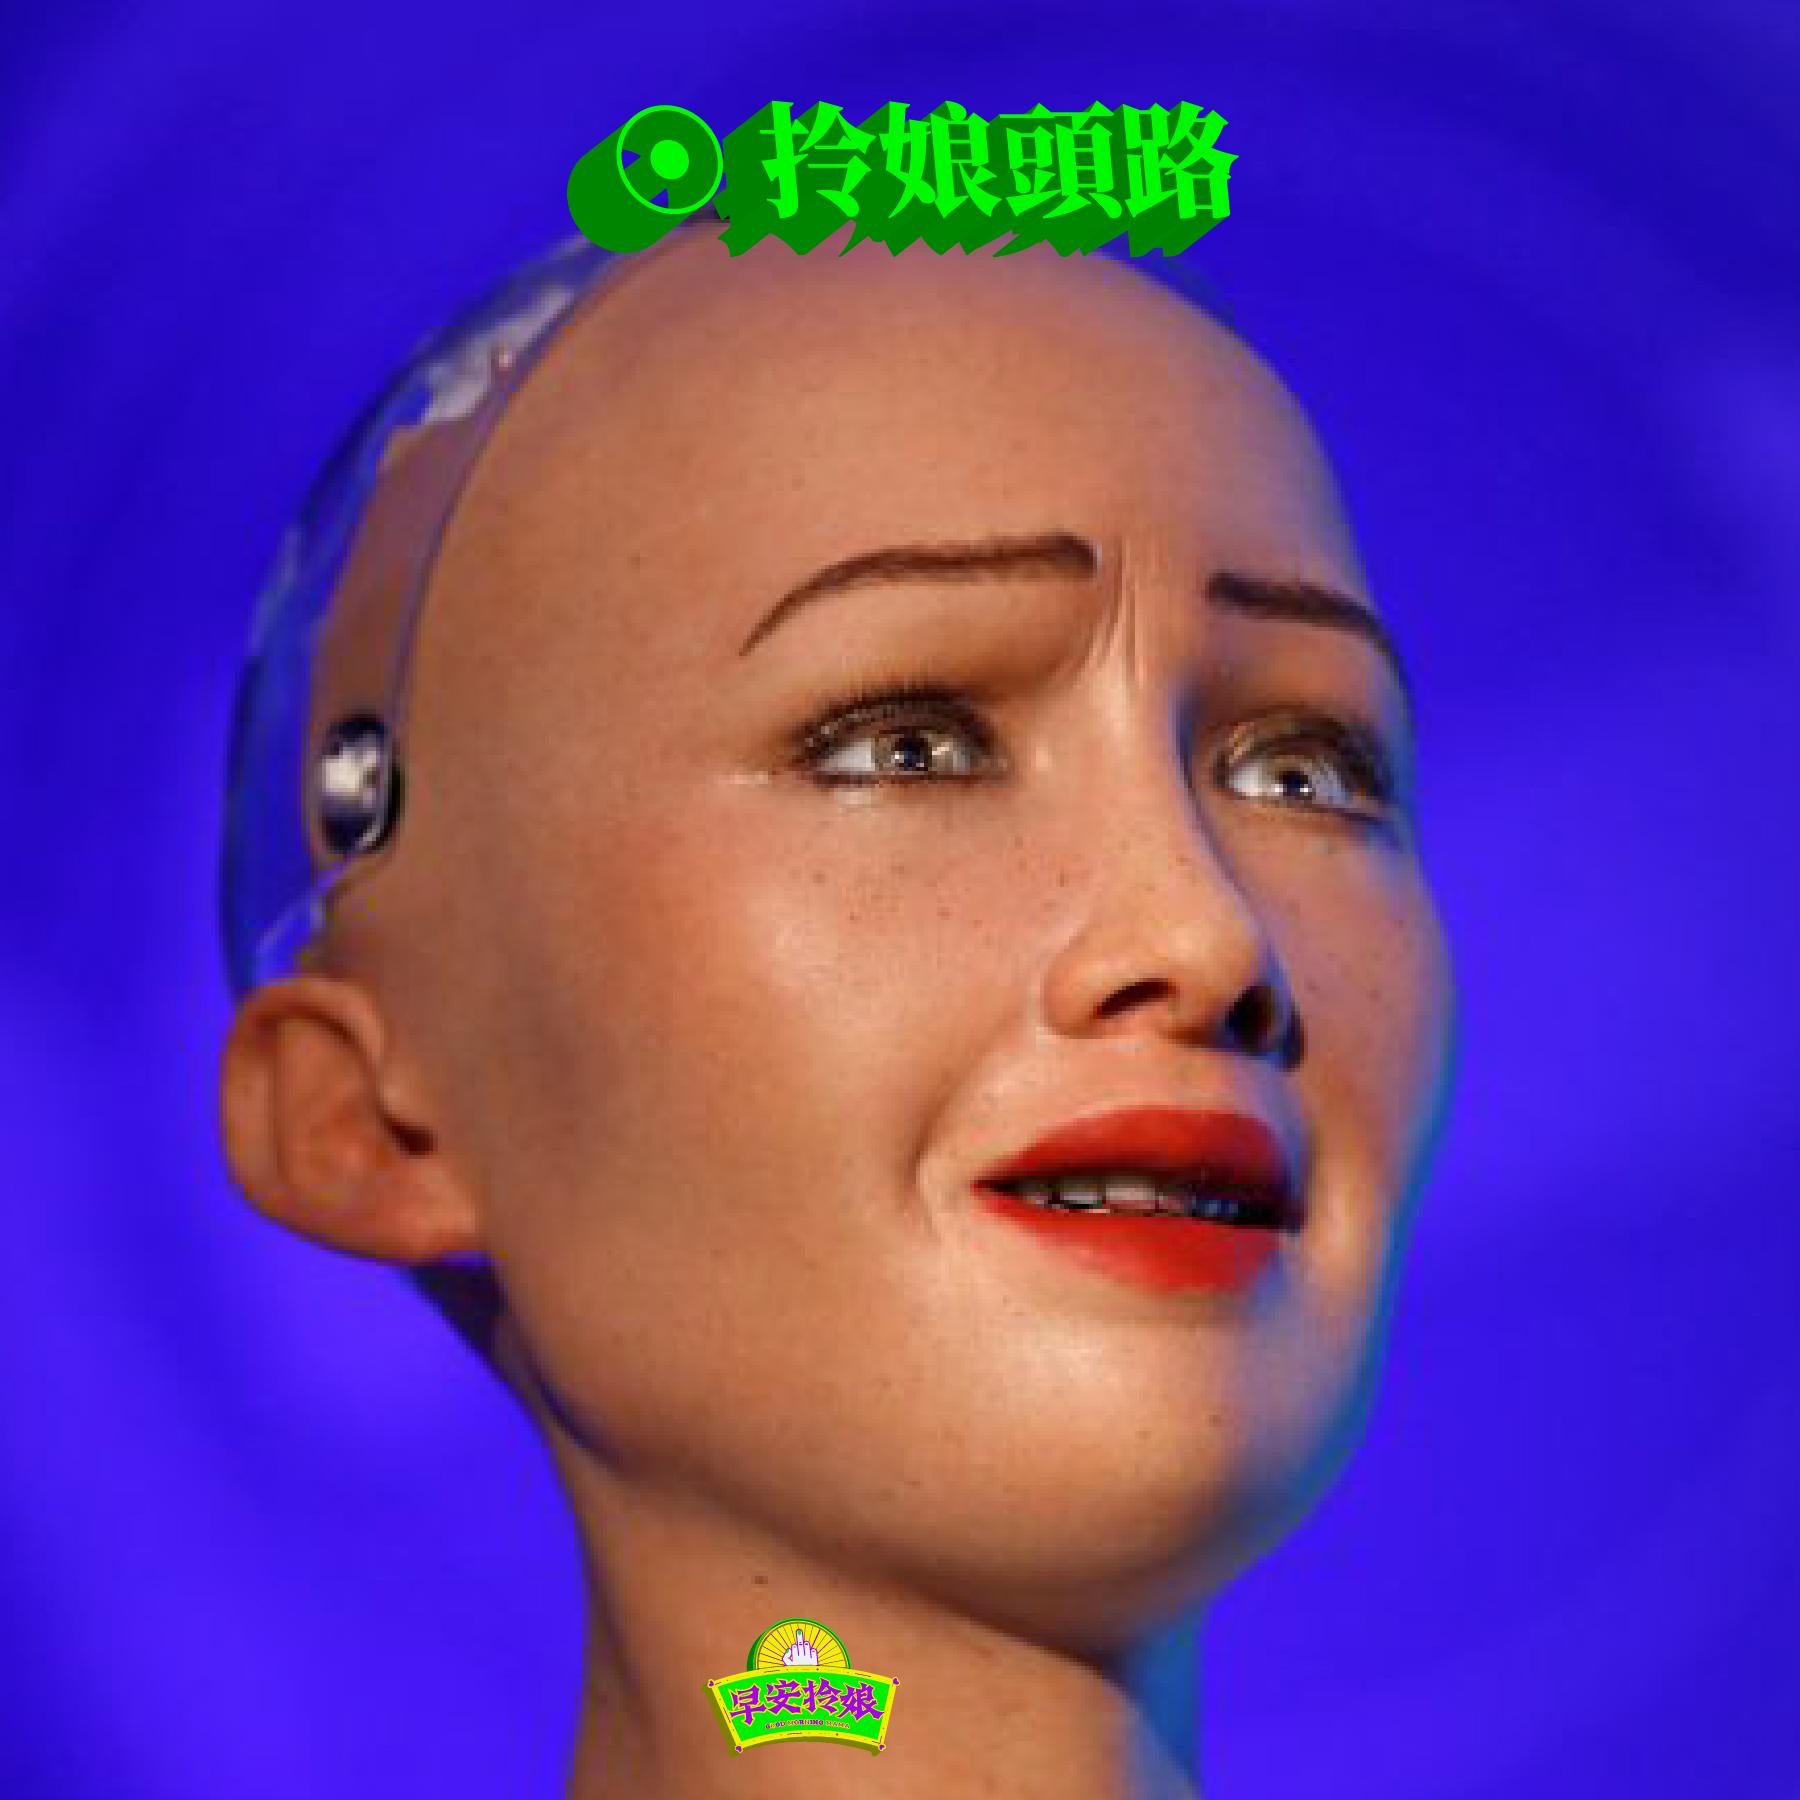 #24|頭路|東京 AI 訓練師,厭女的人工智慧? ft. 祥太|´ΘωΘ`